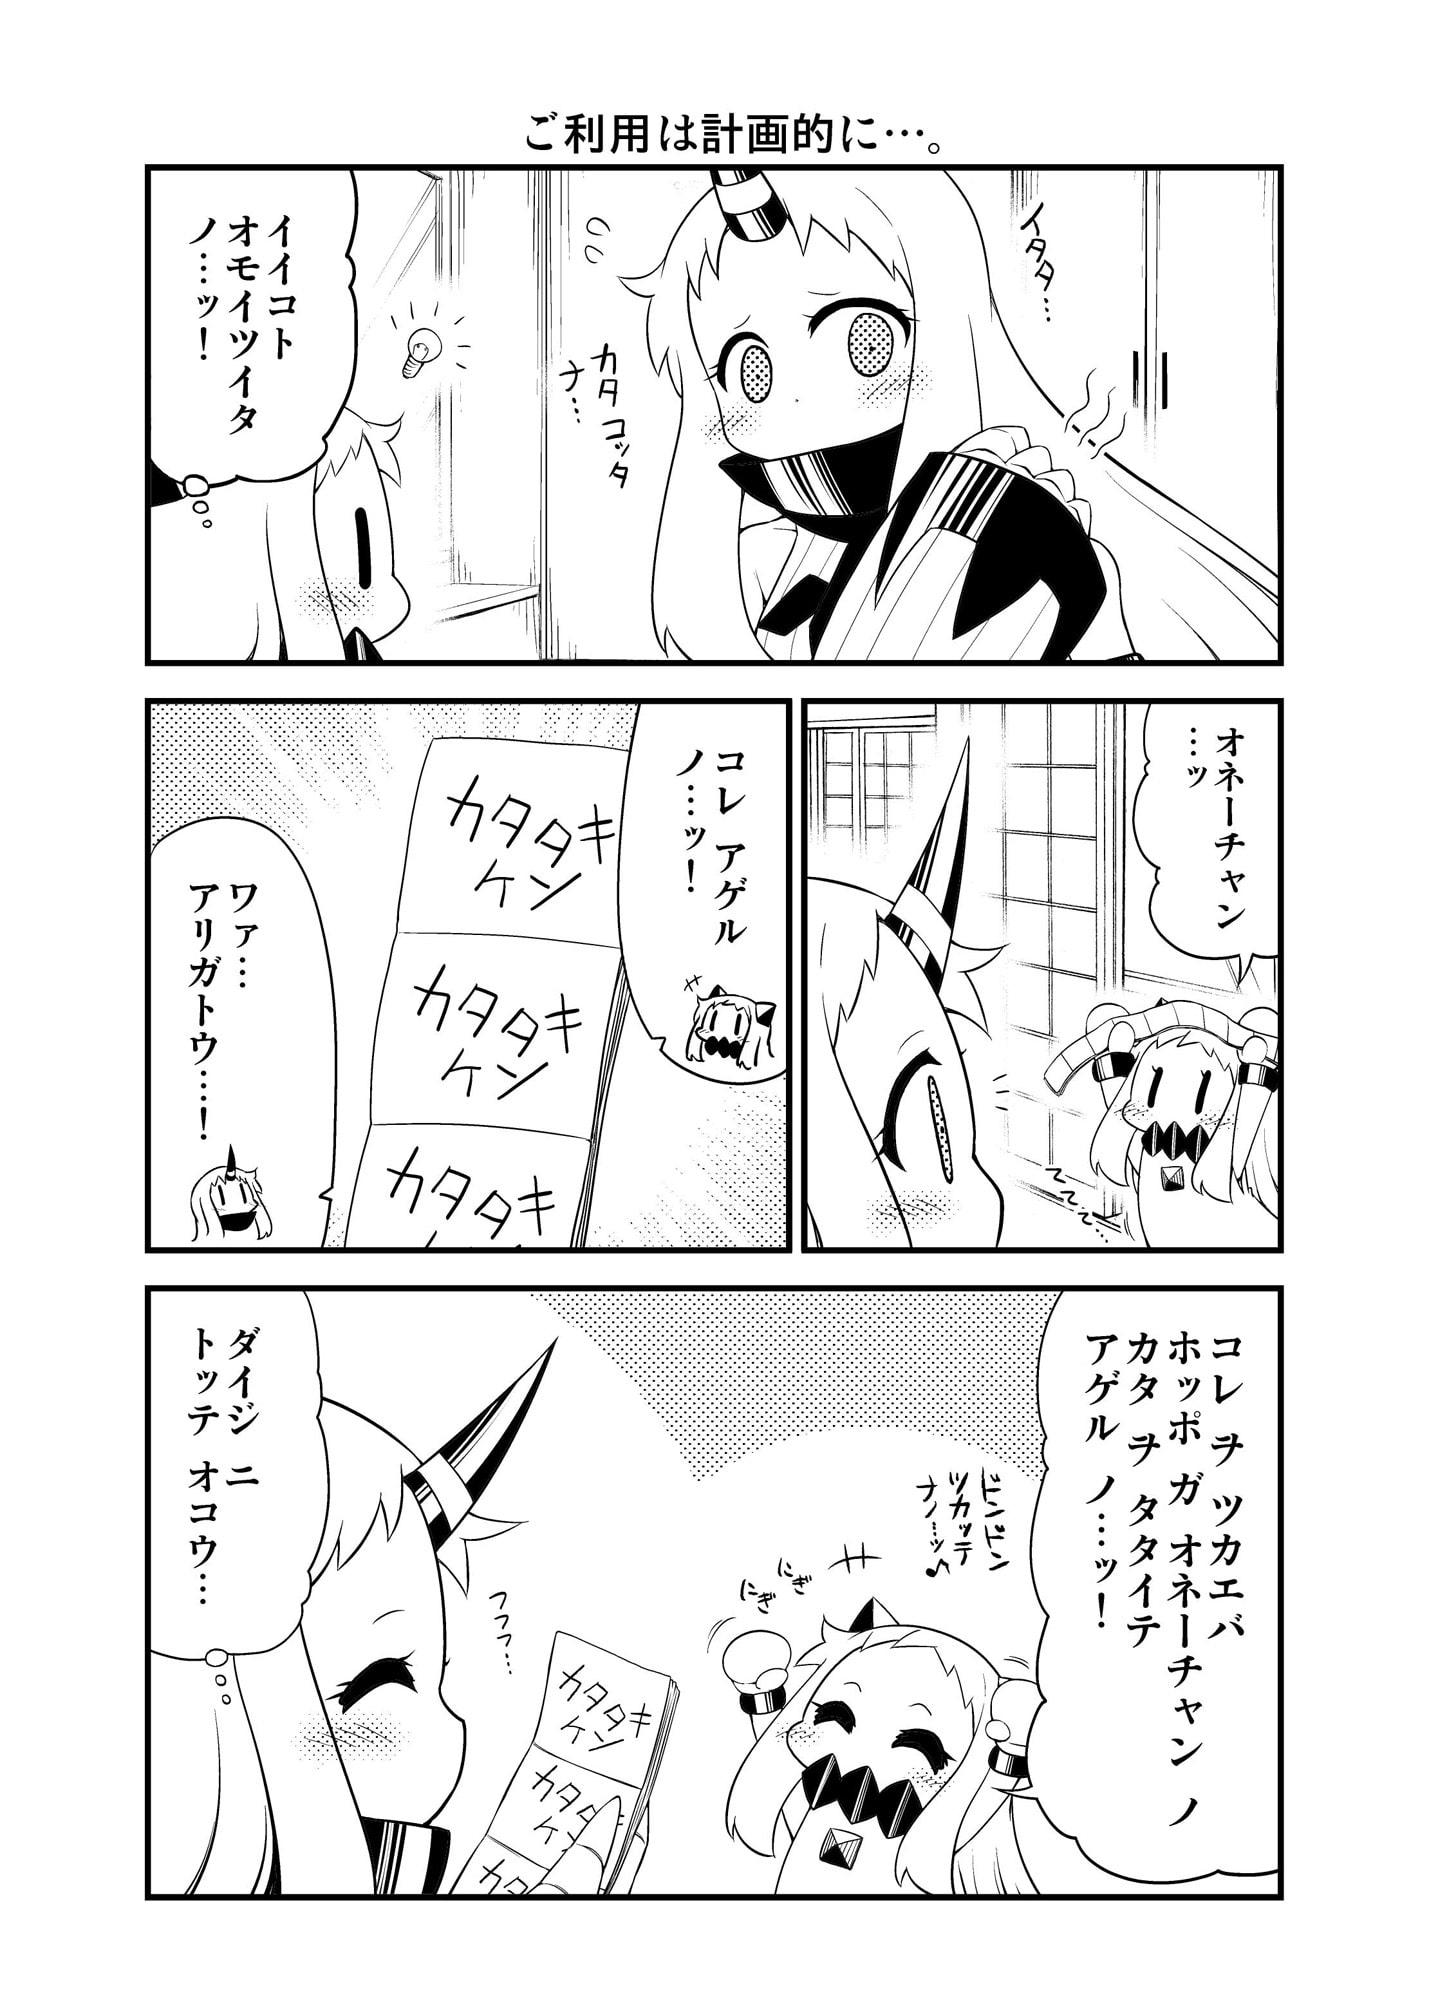 ほっぽちゃんの日常総集編 vol.4